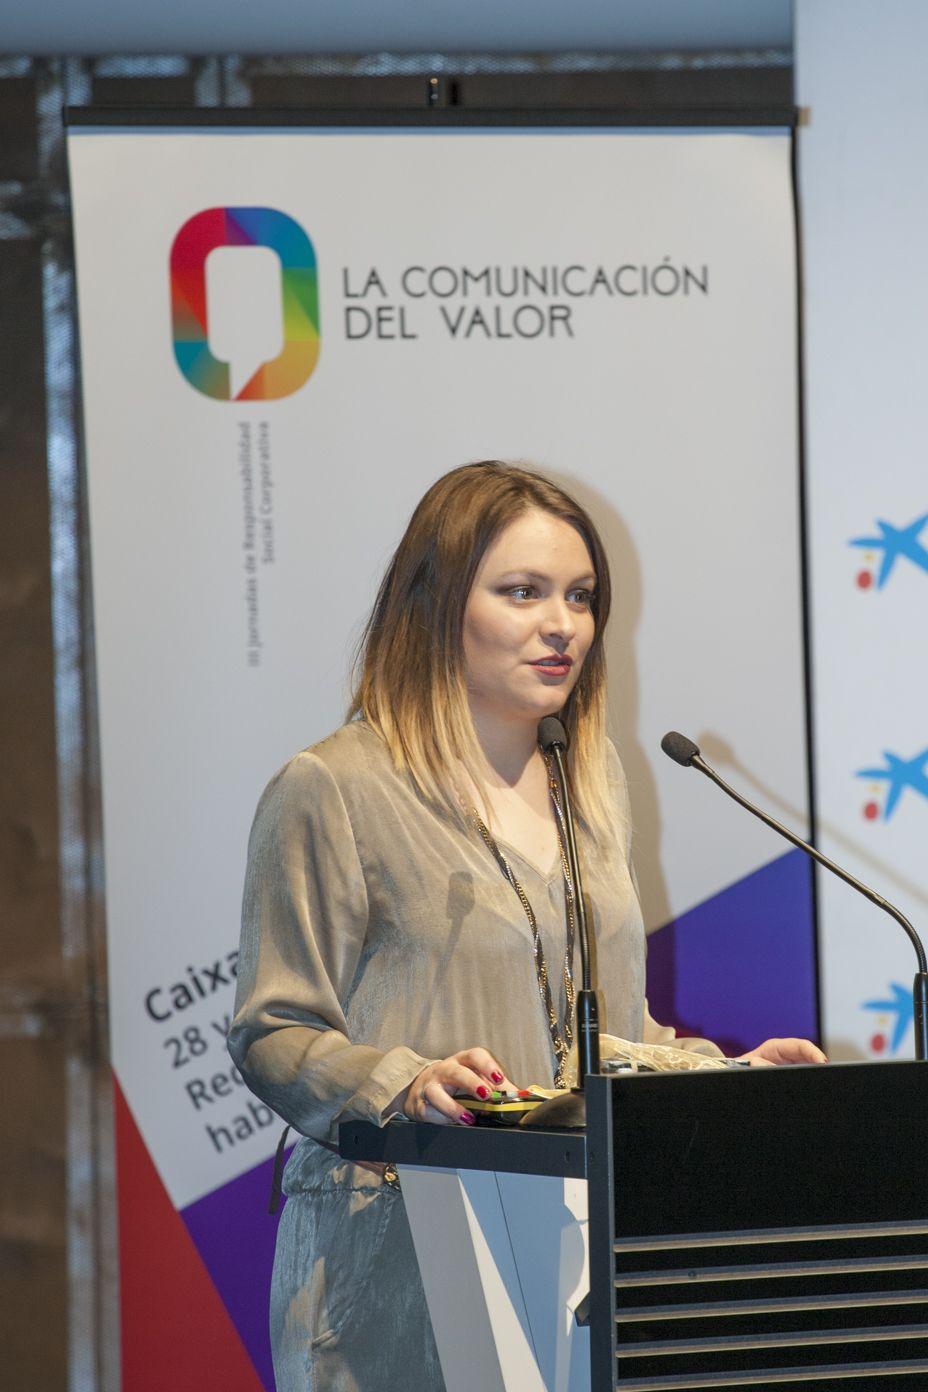 Fotografia Ponencia de Elena Martín Guerra - COO – Directora de